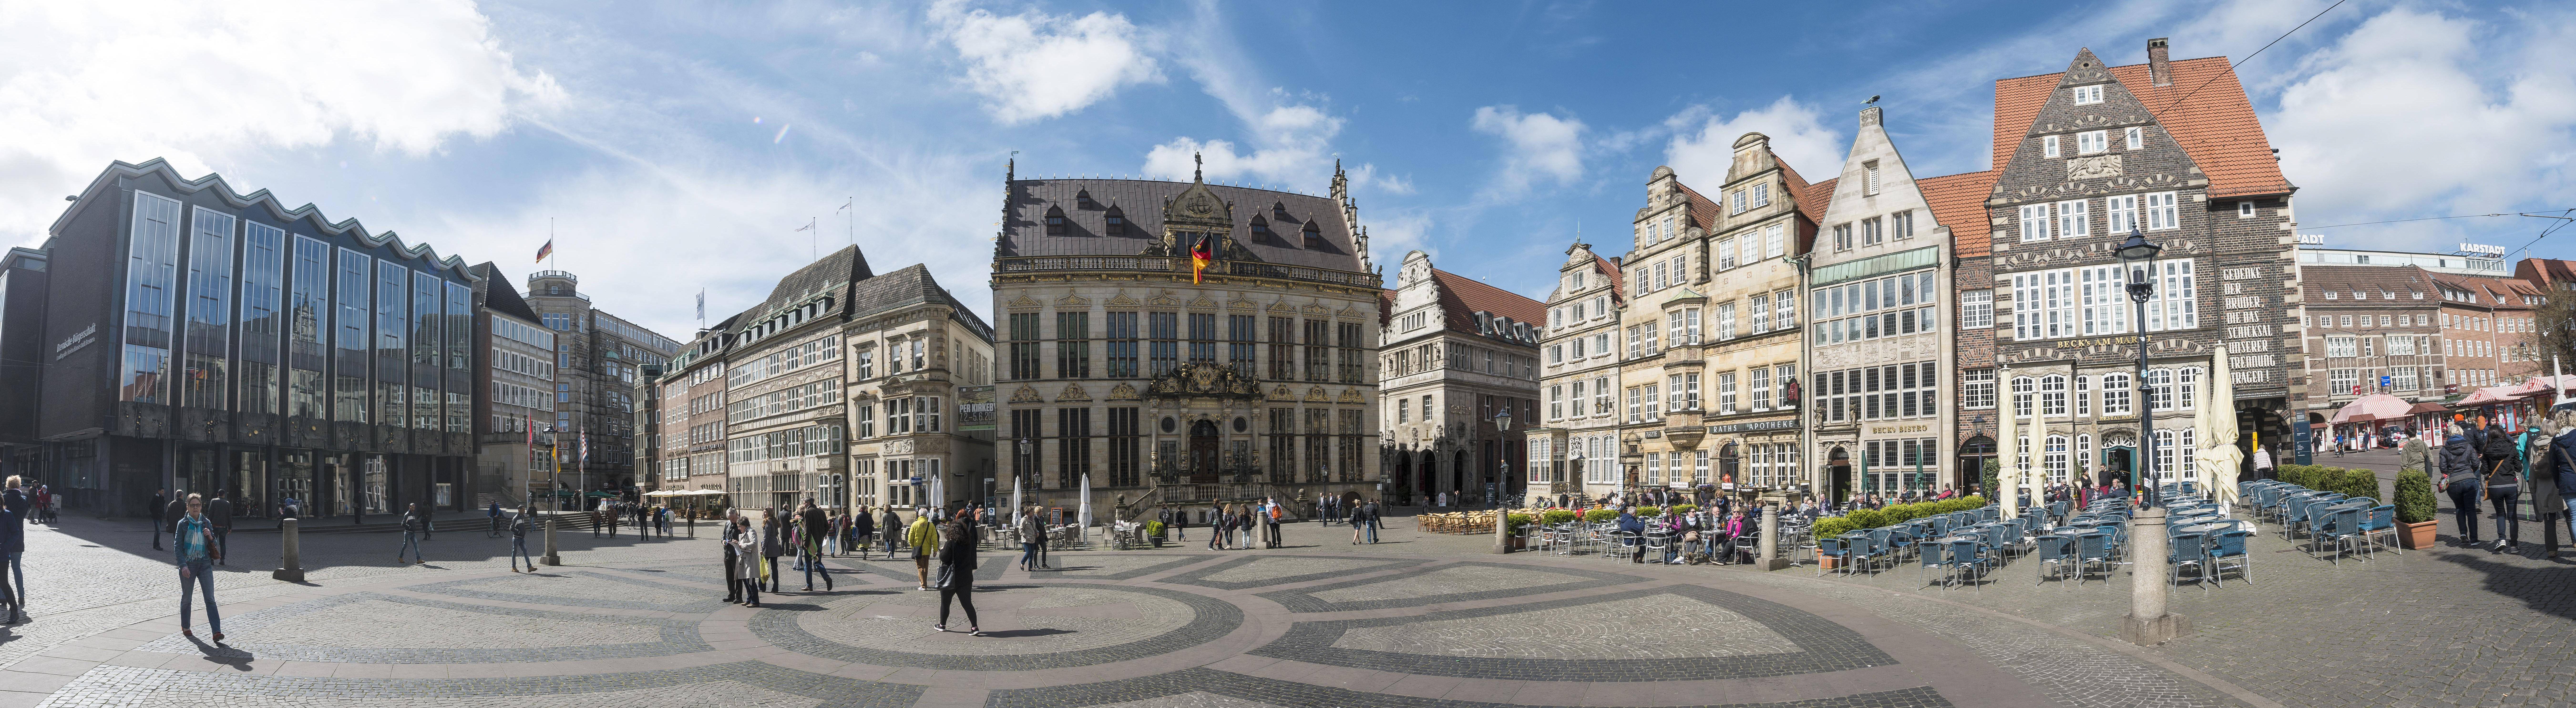 Bremer Innenstadt